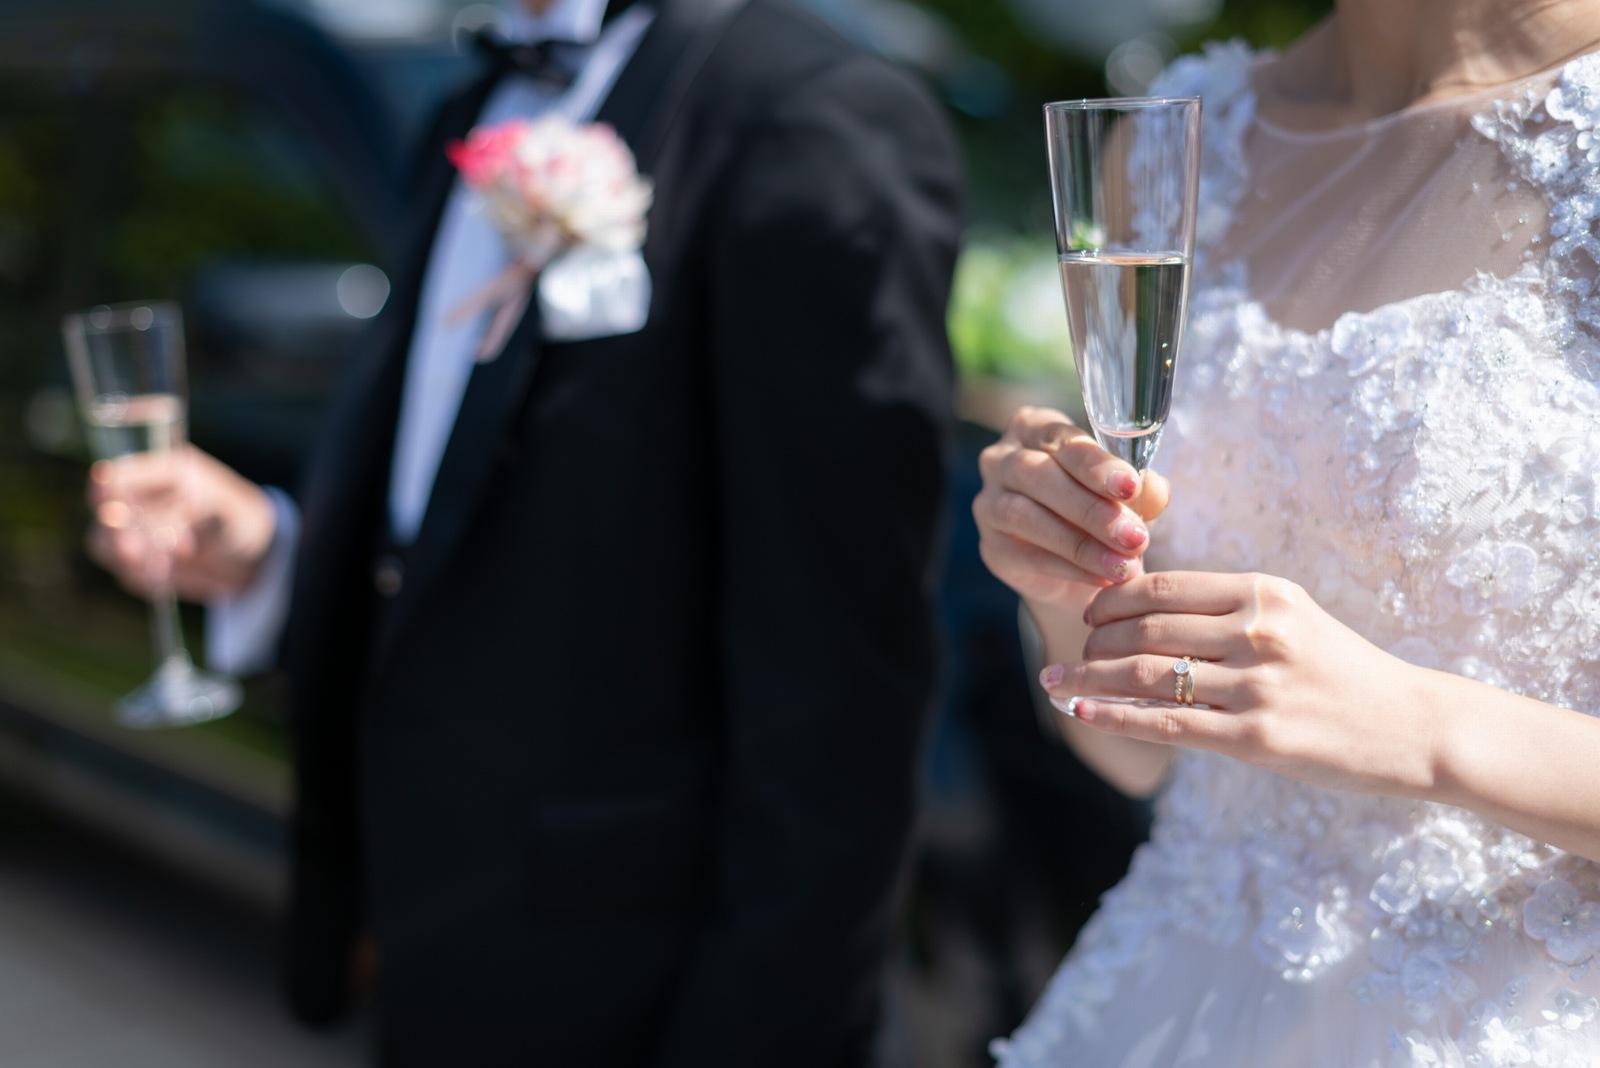 香川県の結婚式場シェルエメール&アイスタイルのガーデンで乾杯